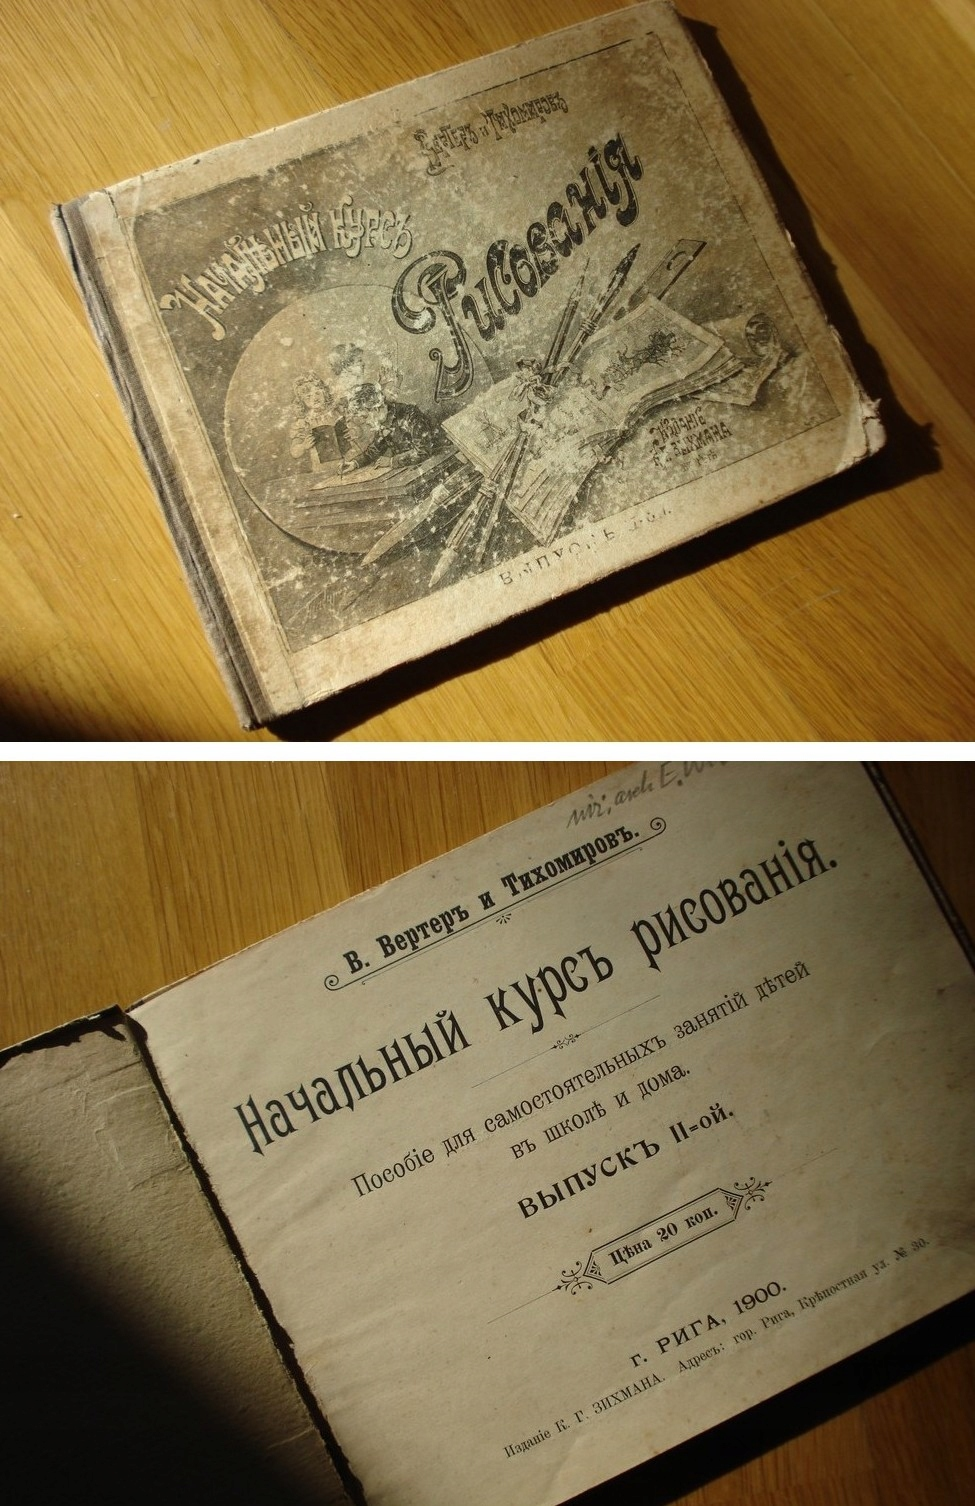 KURS RYSOWANIA ROSJA 1900 ROK